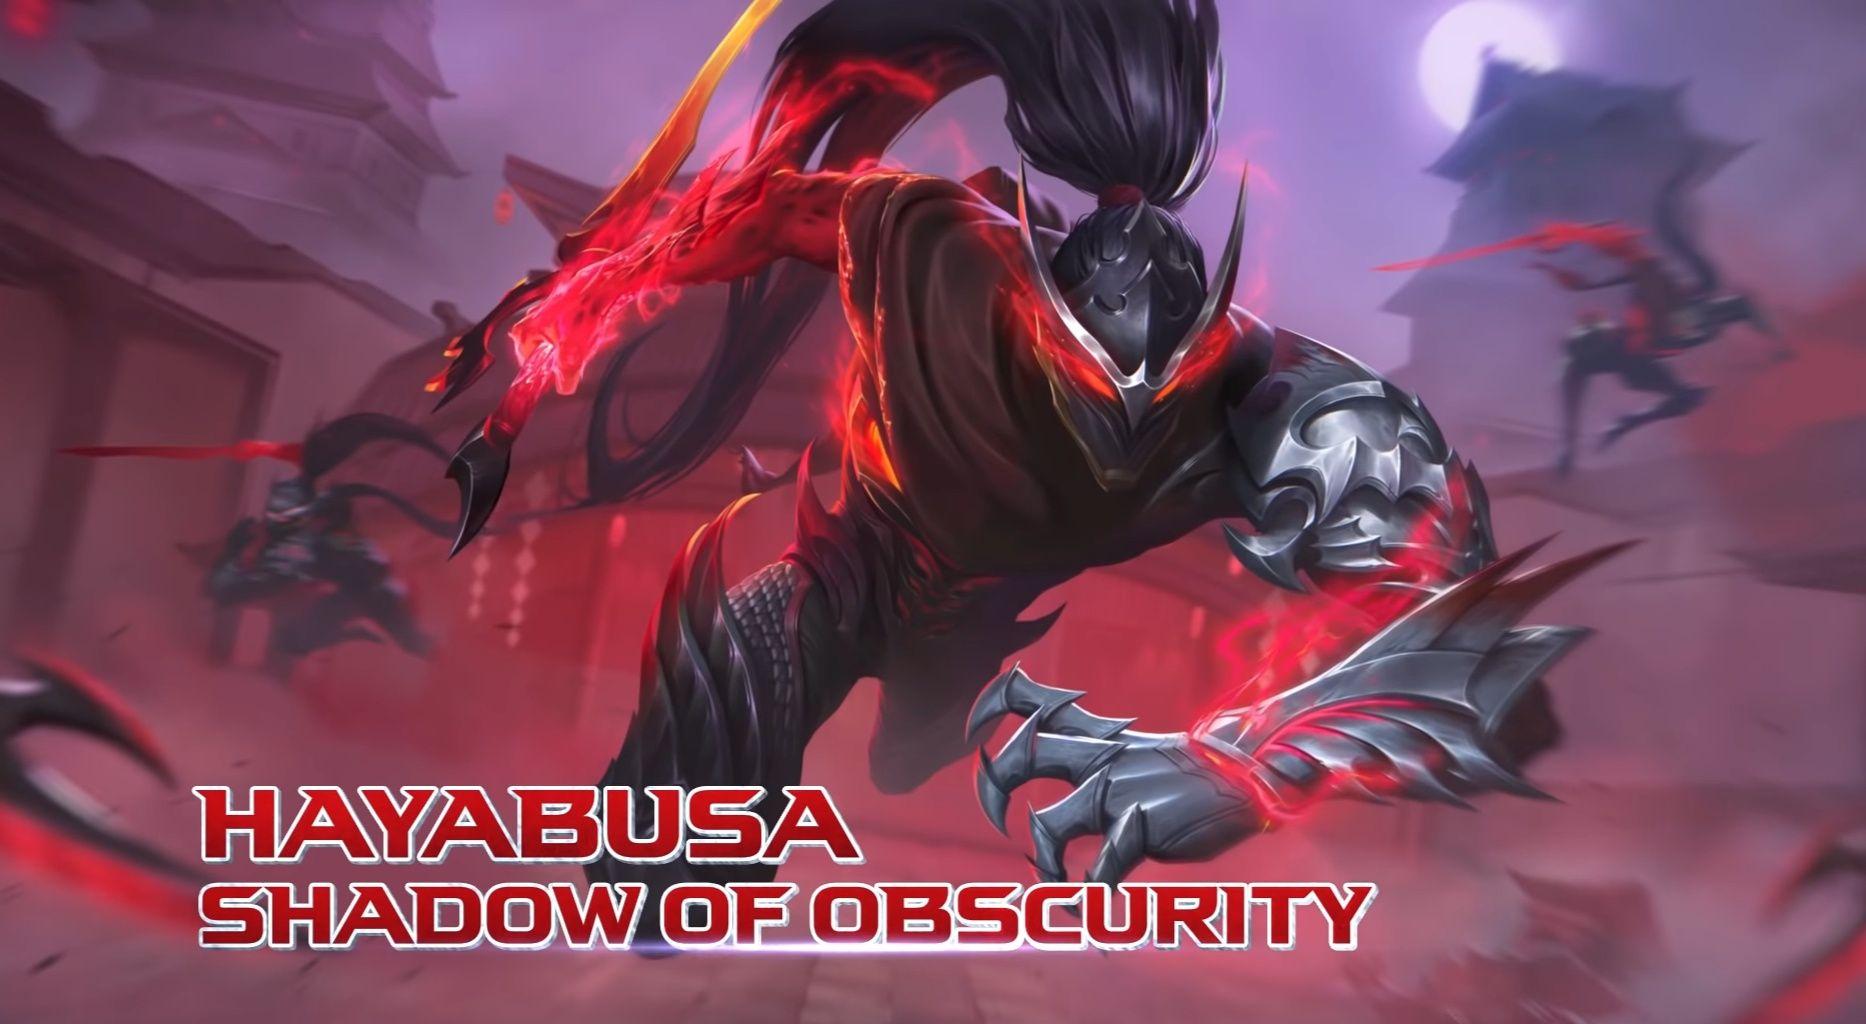 Kerennya Efek Visual Skin Hayabusa Mobile Legends Shadow Of Obscurity Semua Halaman Grid Games